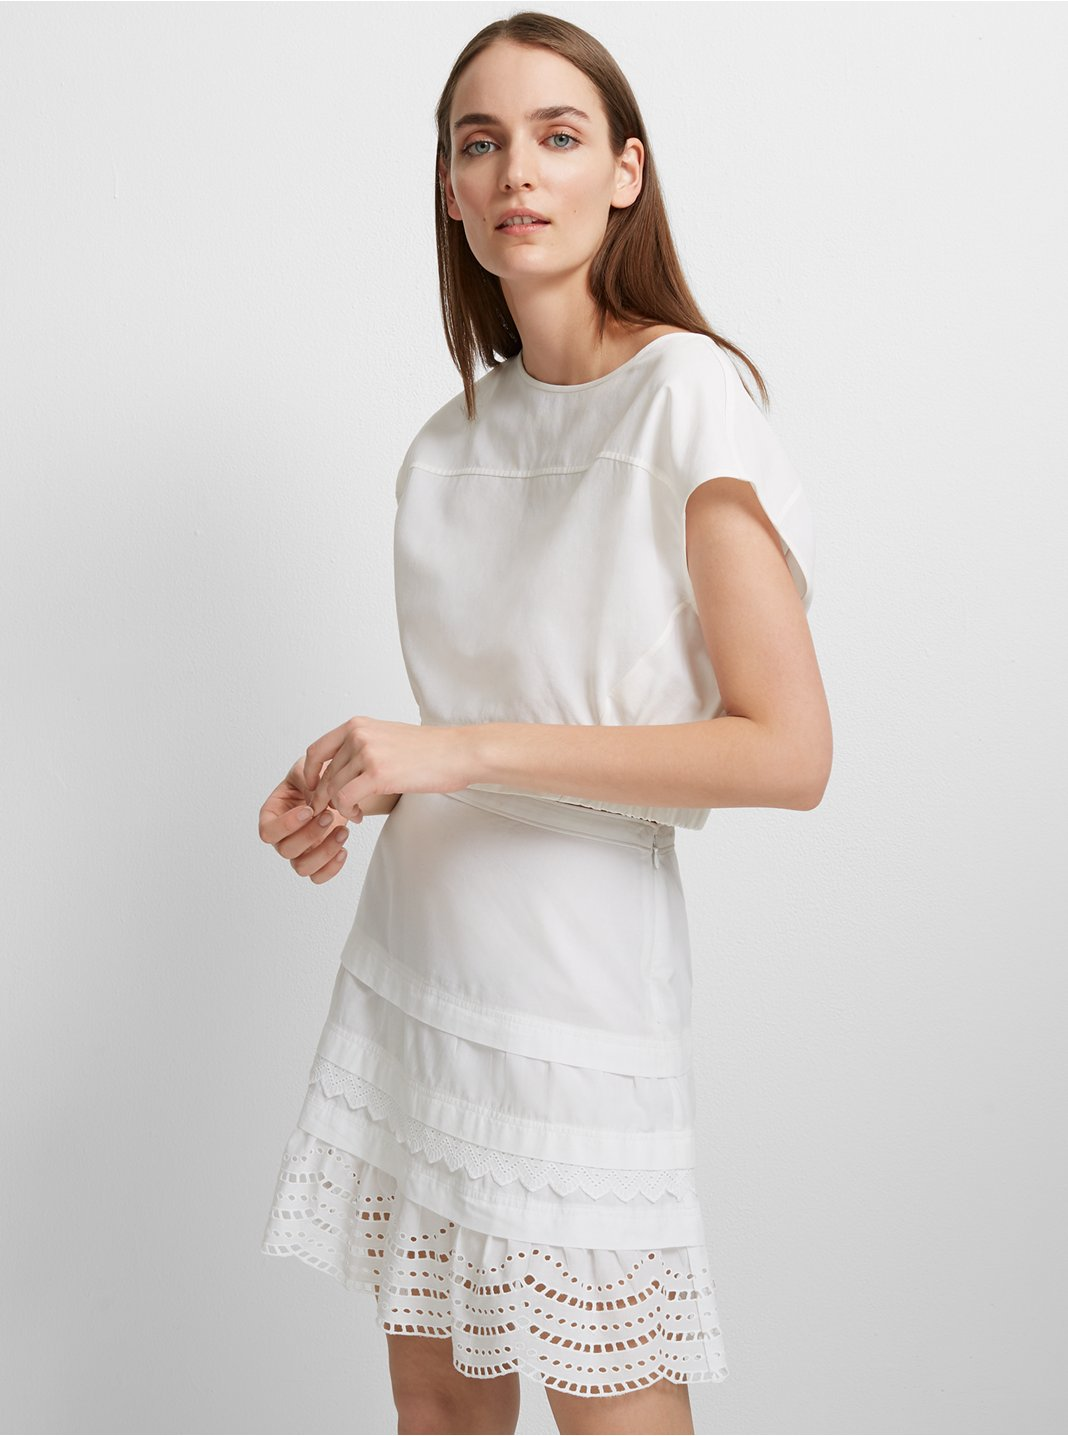 Lettee Cotton Skirt